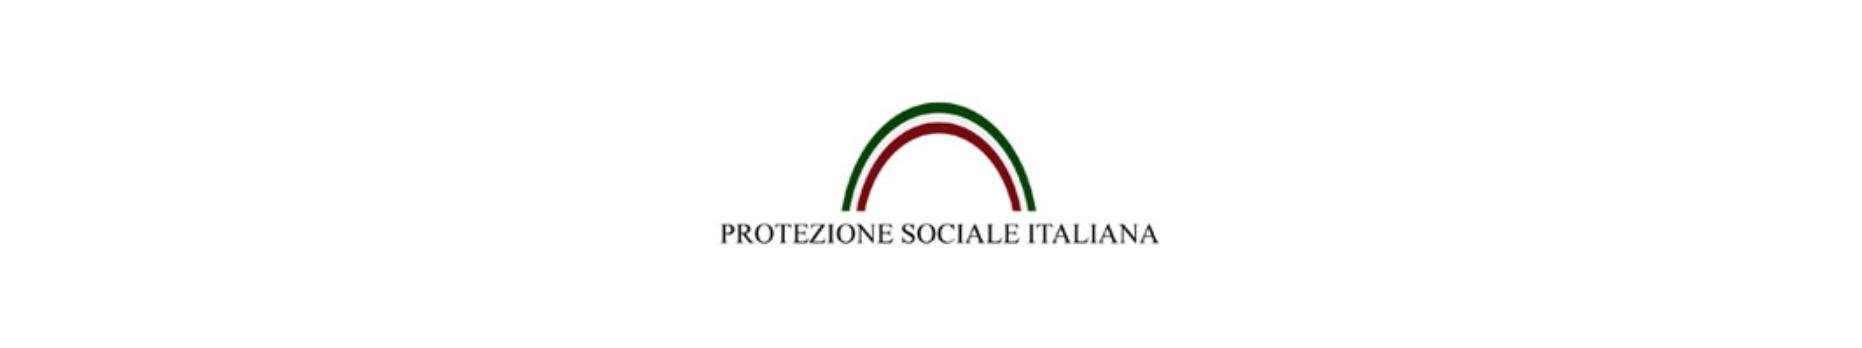 Protezione sociale italiana logo